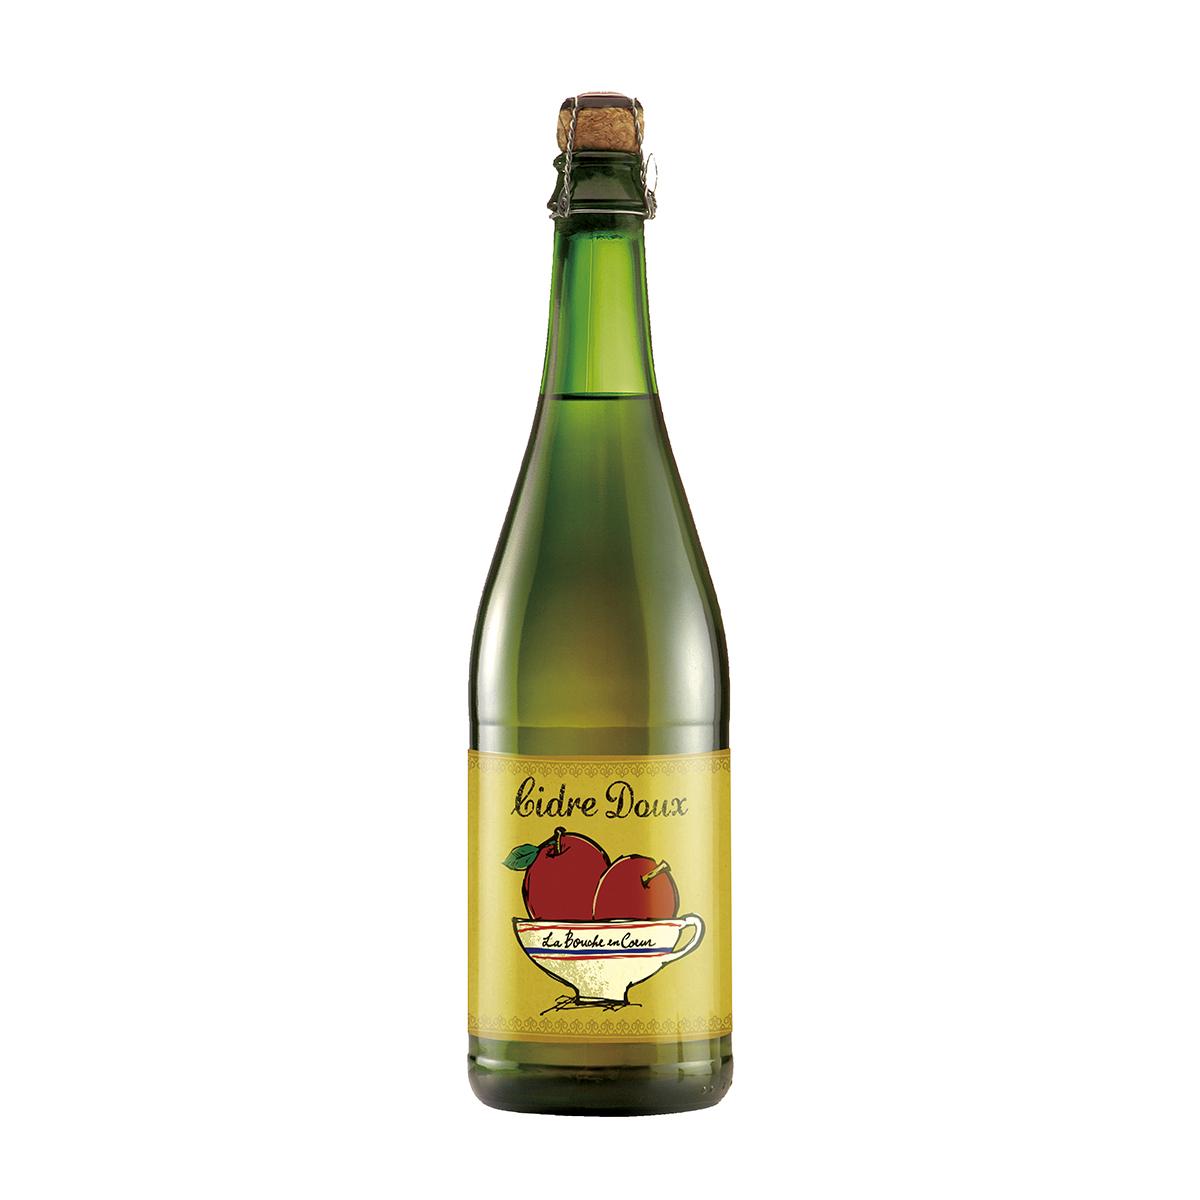 フランスの食中酒「ラ・ブーシュ・オン・クール シードル・ドゥー」(エディターAリコメンド)